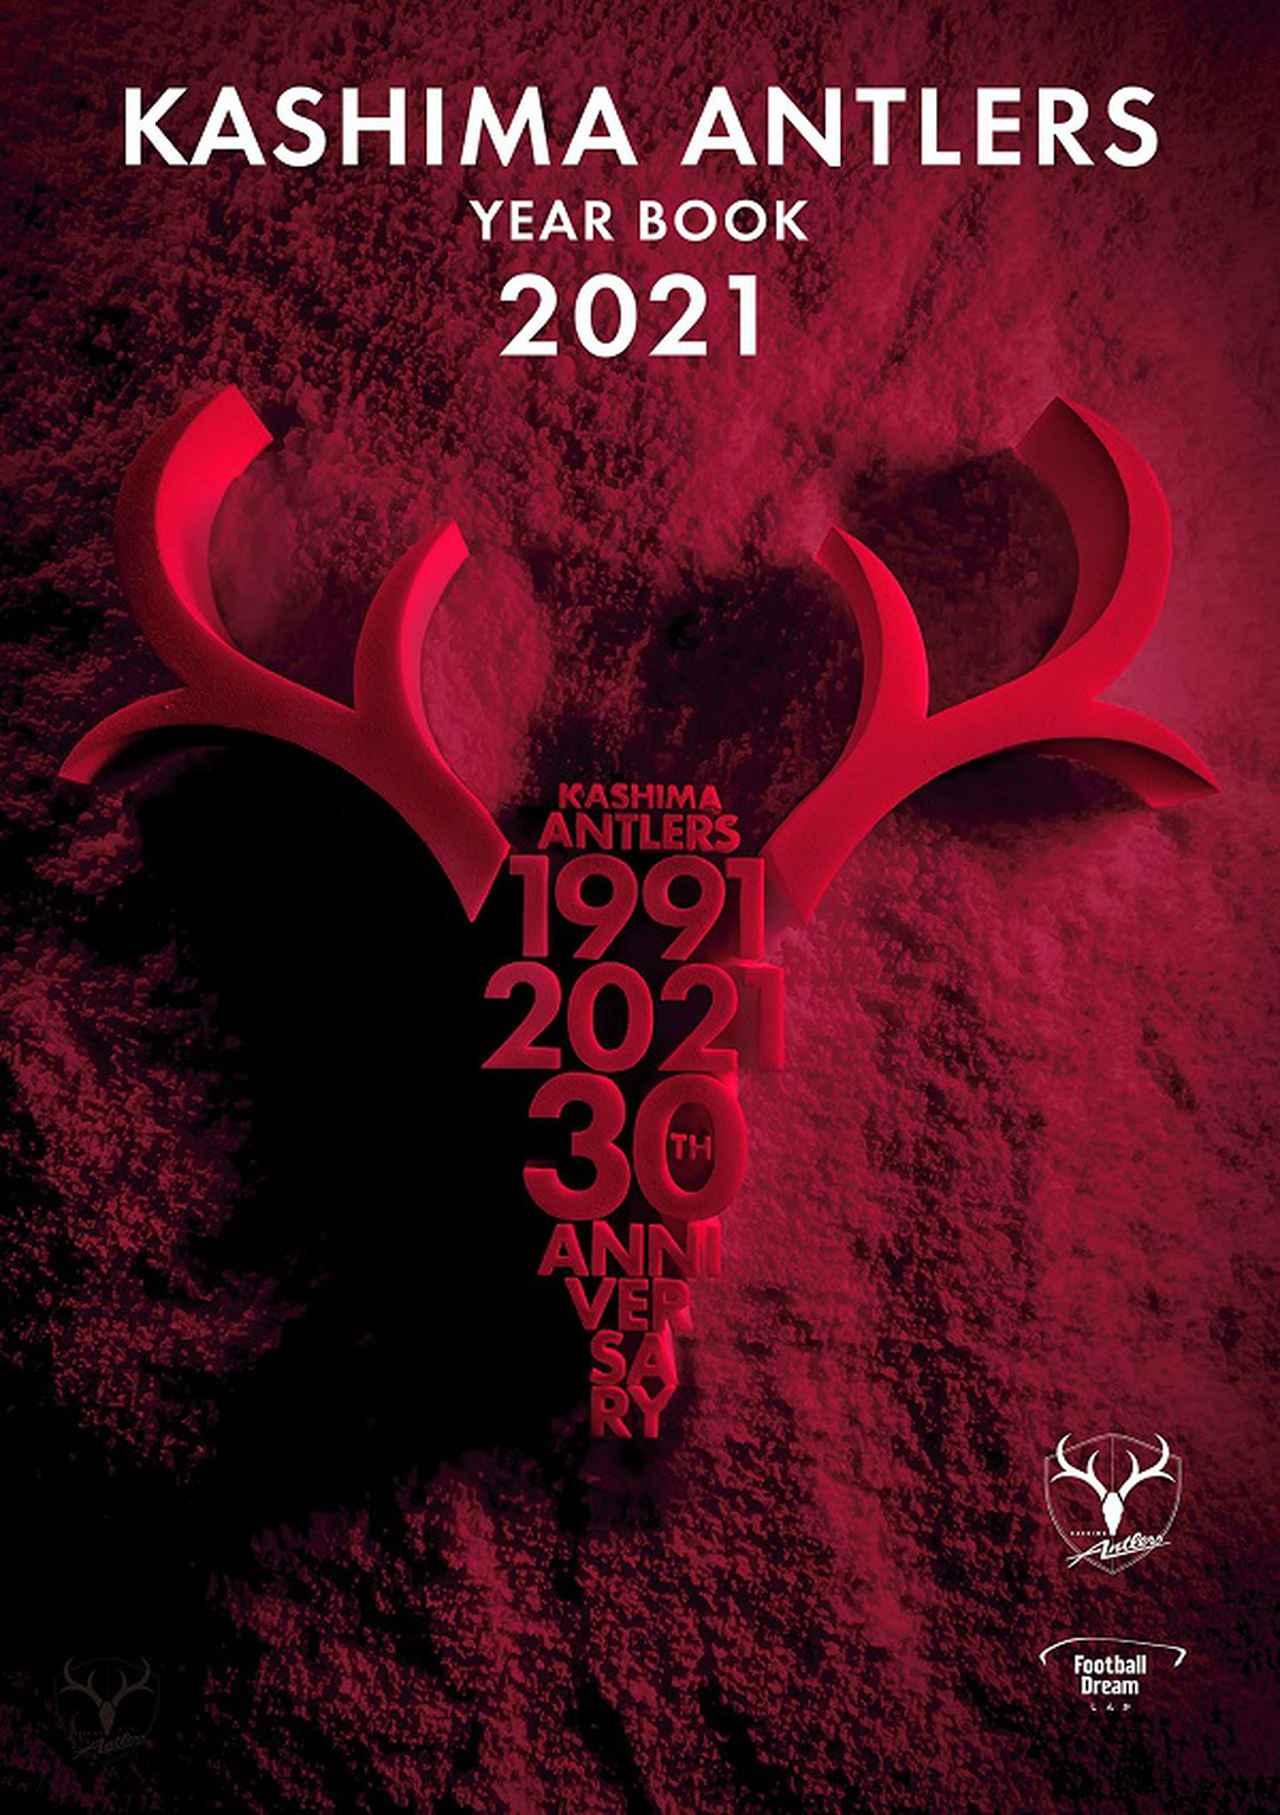 画像: KASHIMA ANTLERS YEAR BOOK 2021(鹿島アントラーズ エフ・シー/発行) | BBMスポーツ | ベースボール・マガジン社